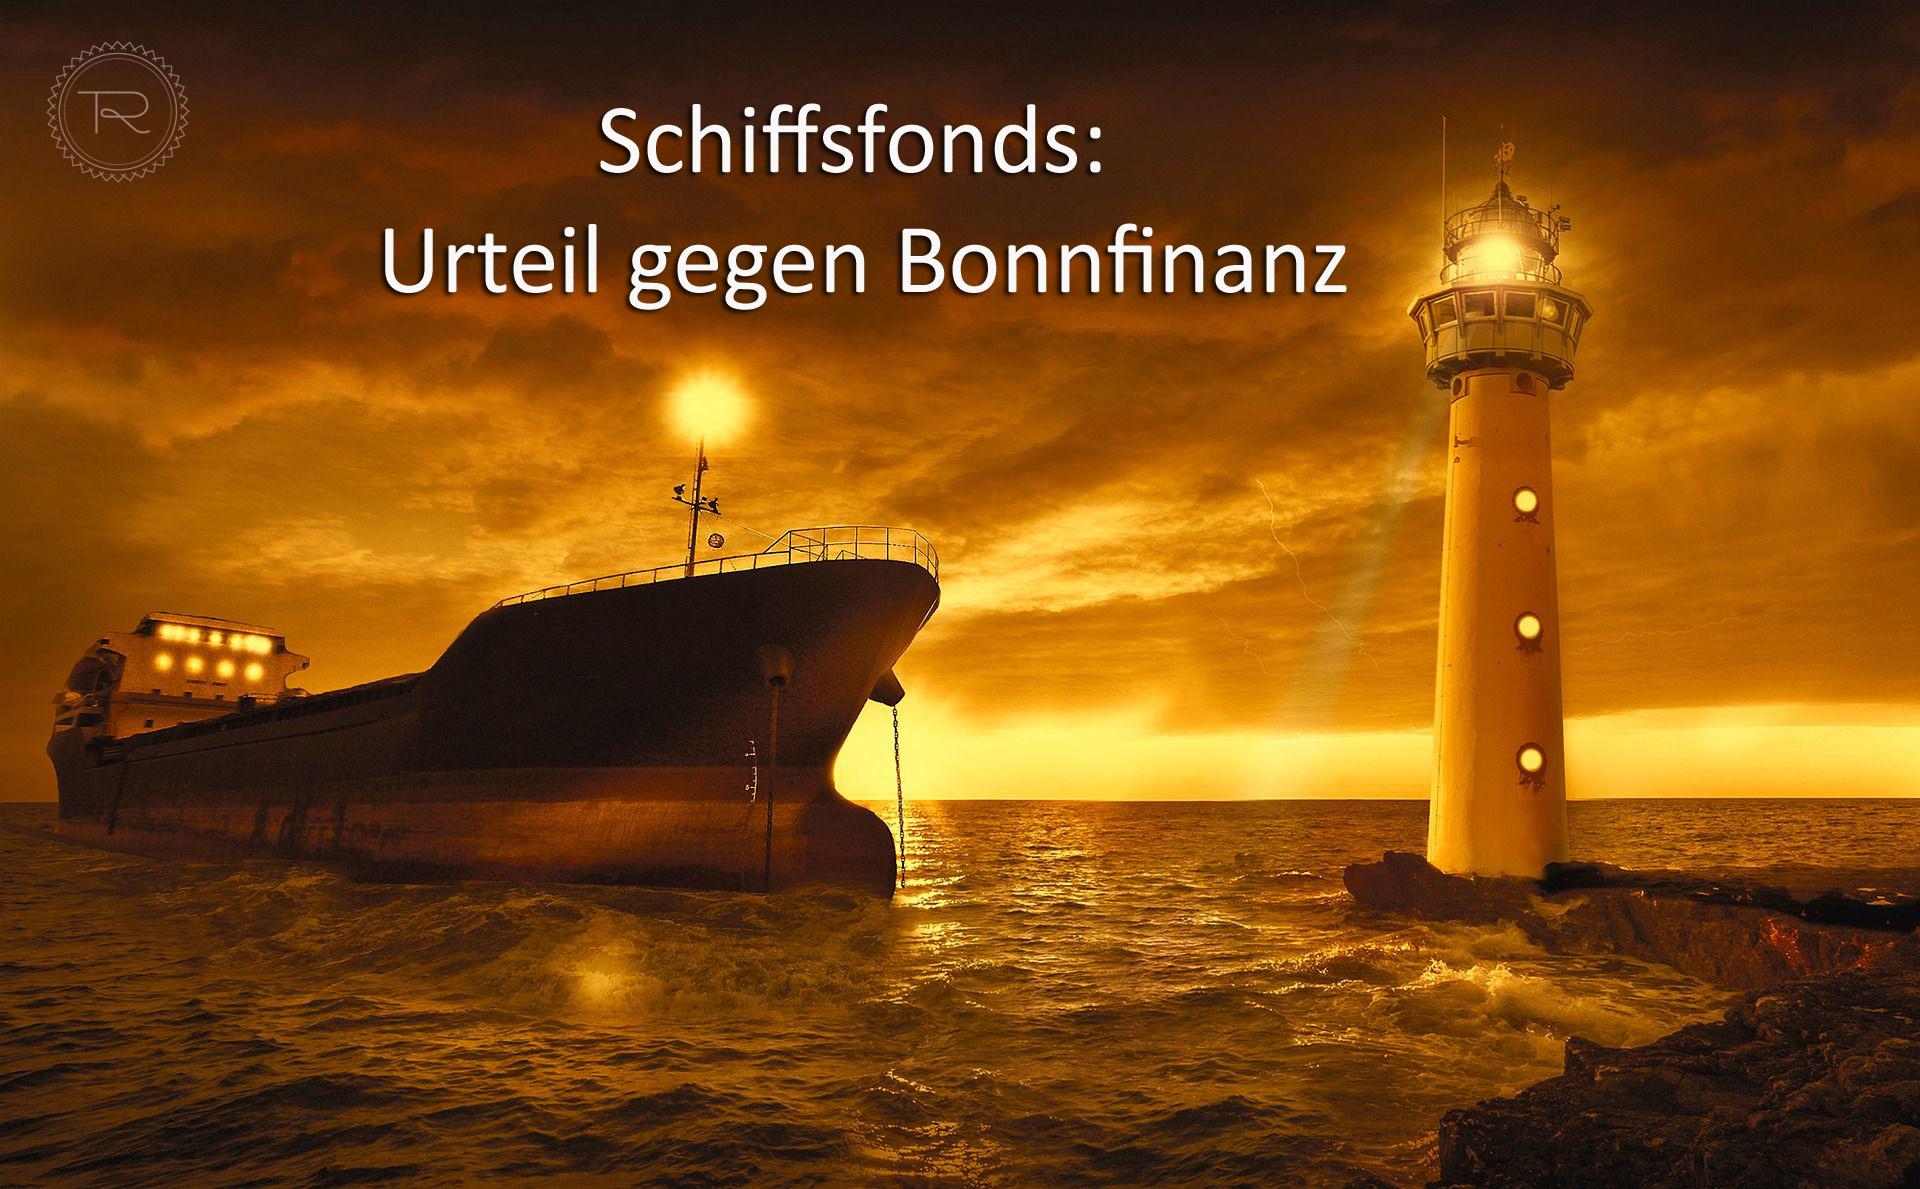 Schiffsfonds Bonnfinanz